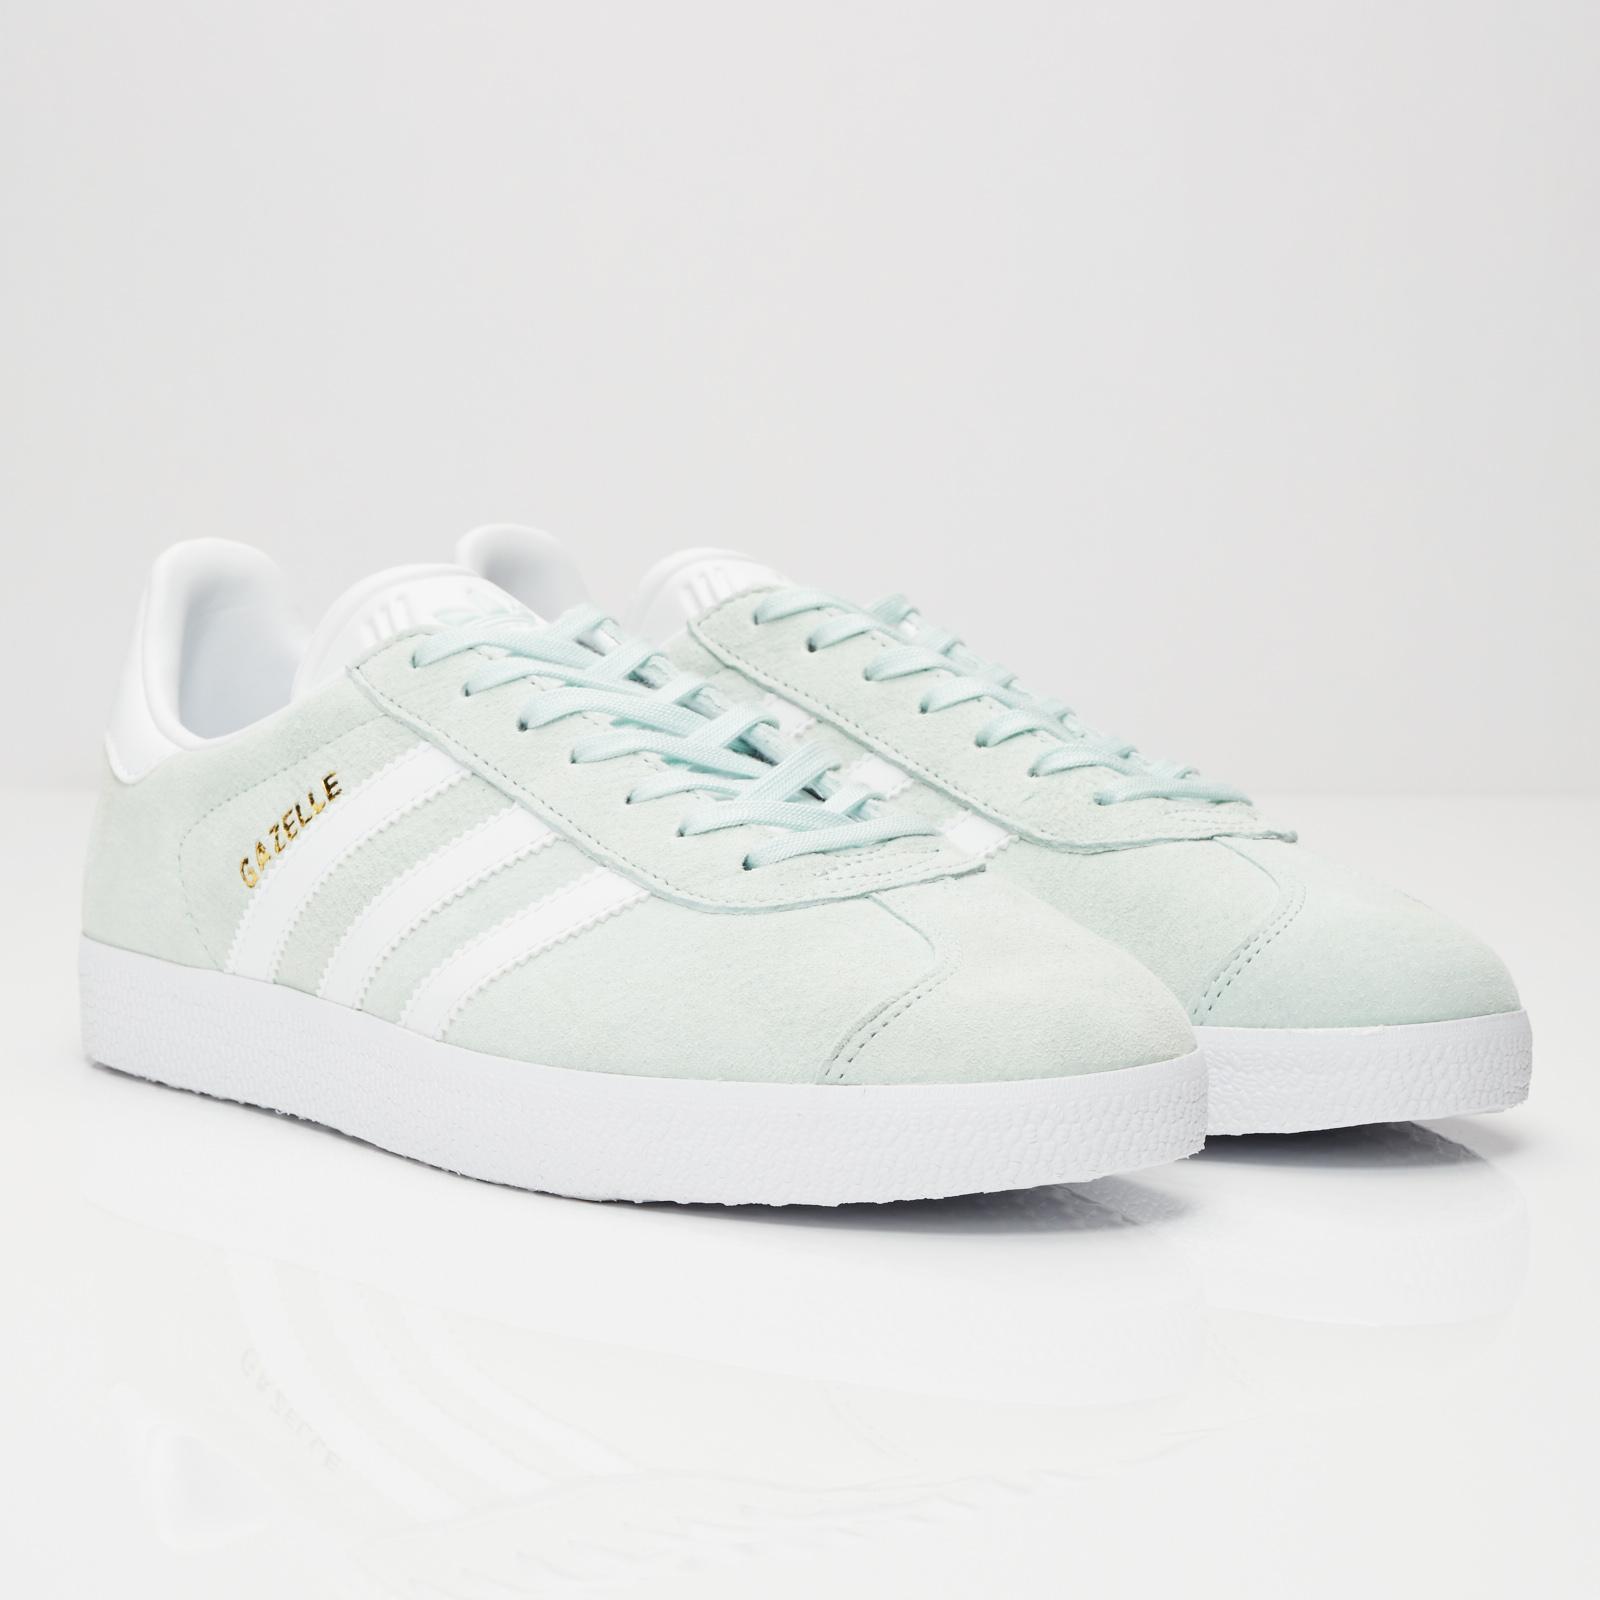 los angeles f4821 f7879 adidas Gazelle - Bb5473 - Sneakersnstuff  sneakers  streetwe